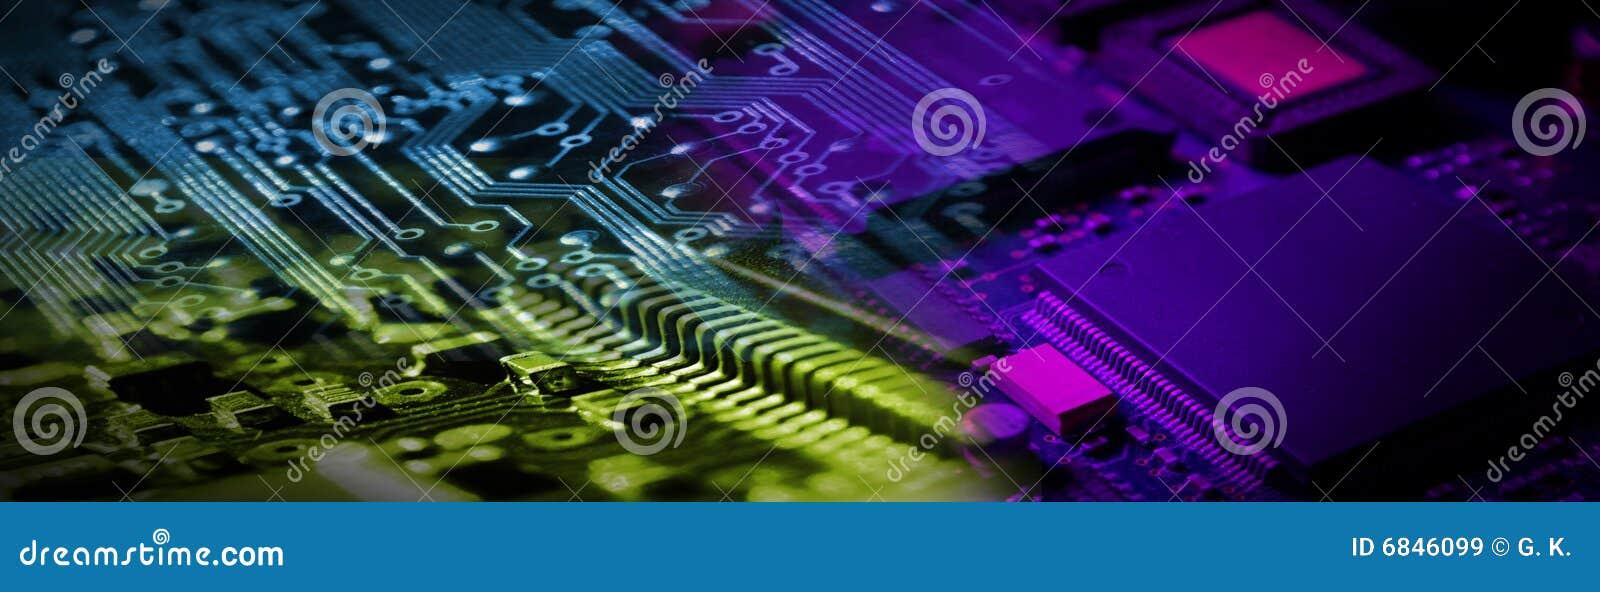 Sztandar elektronika